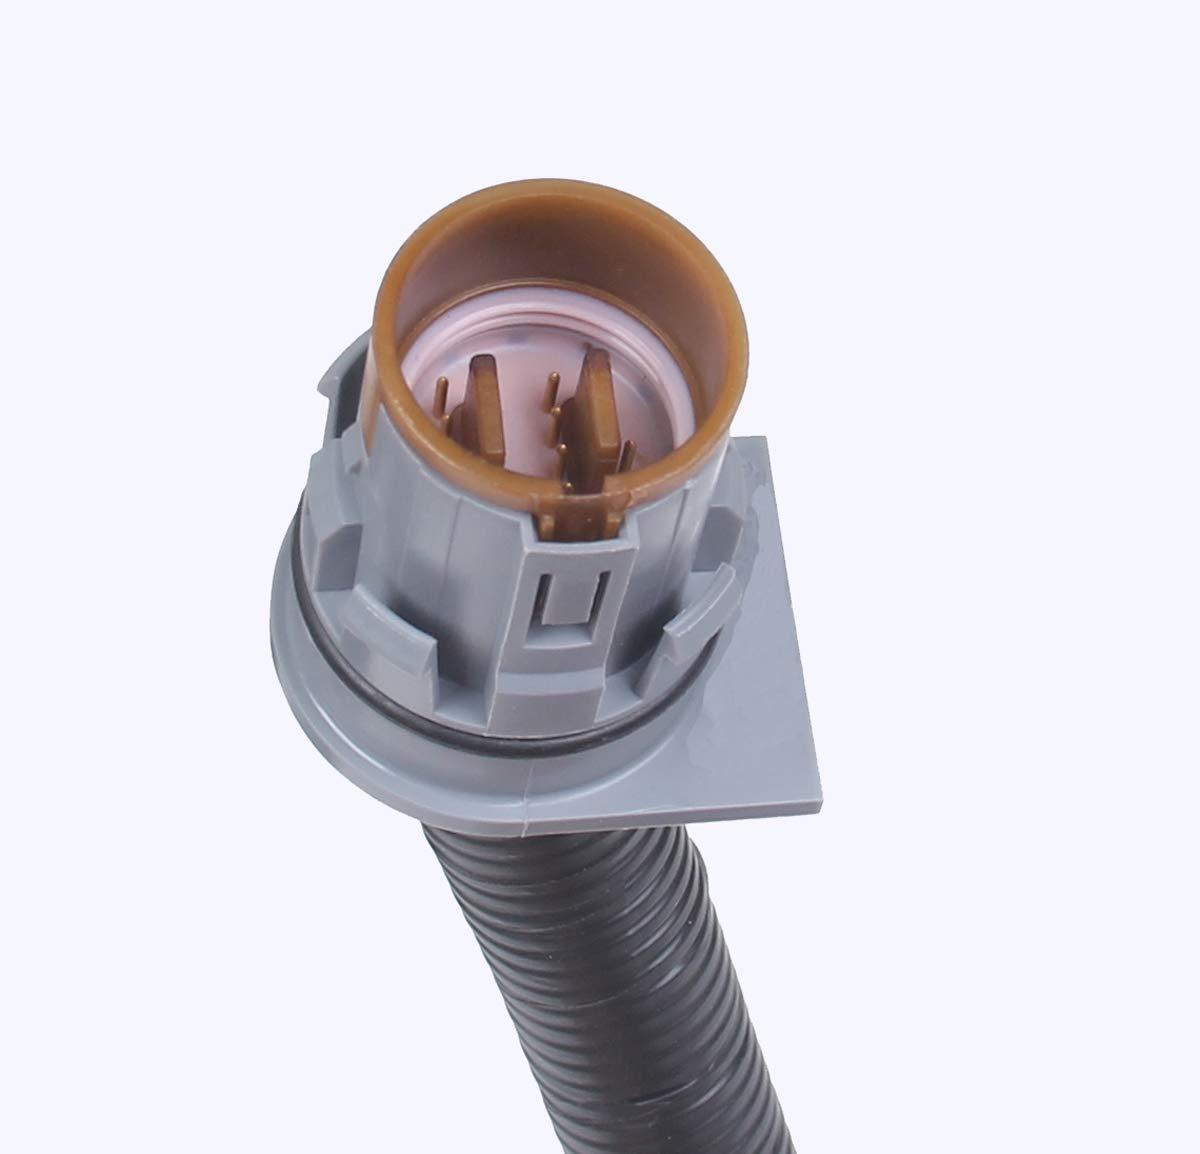 New Transmission Wire Adapter Harness KIT For GM LS series 4L60E to 4L80E Transmission VSS LS1 LM7 LQ4 5.3 4.8 LR4 LS6 L59 LQ9 LM4 L33 Replace # WATRA30-18